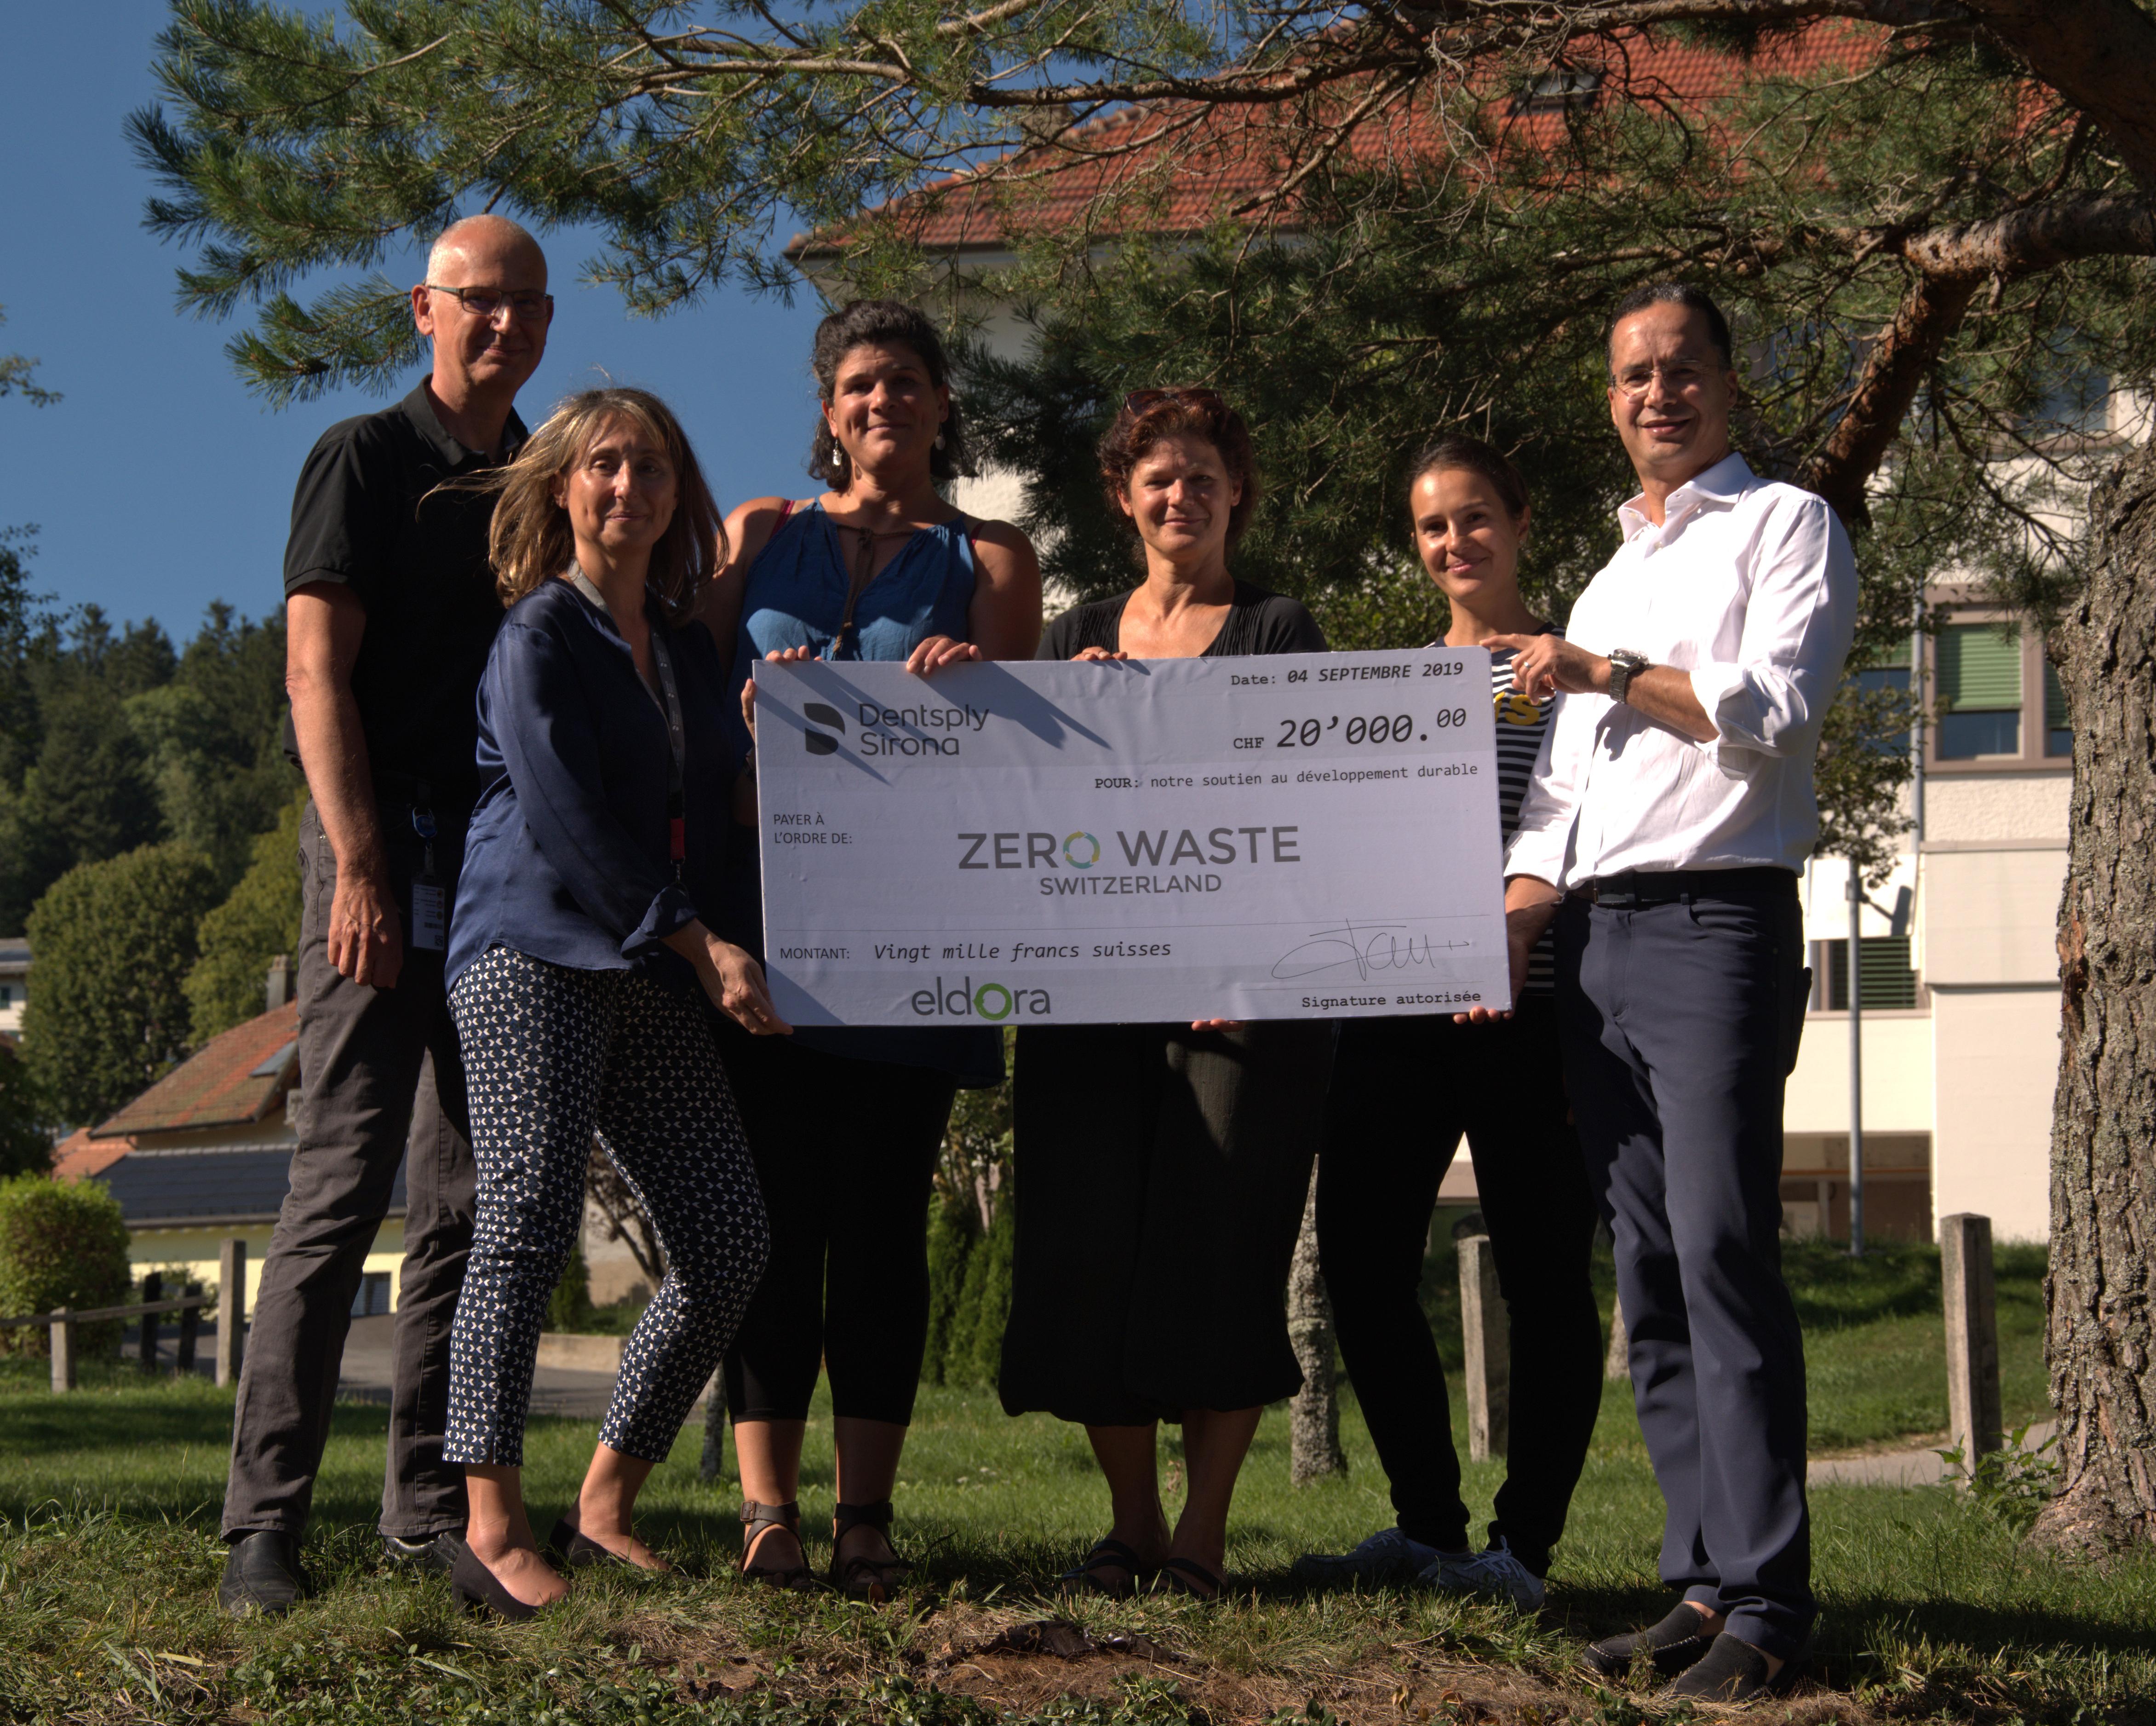 Dentsply Sirona entwickelt ihr CSR und unterstützt ZeroWaste Switzerland